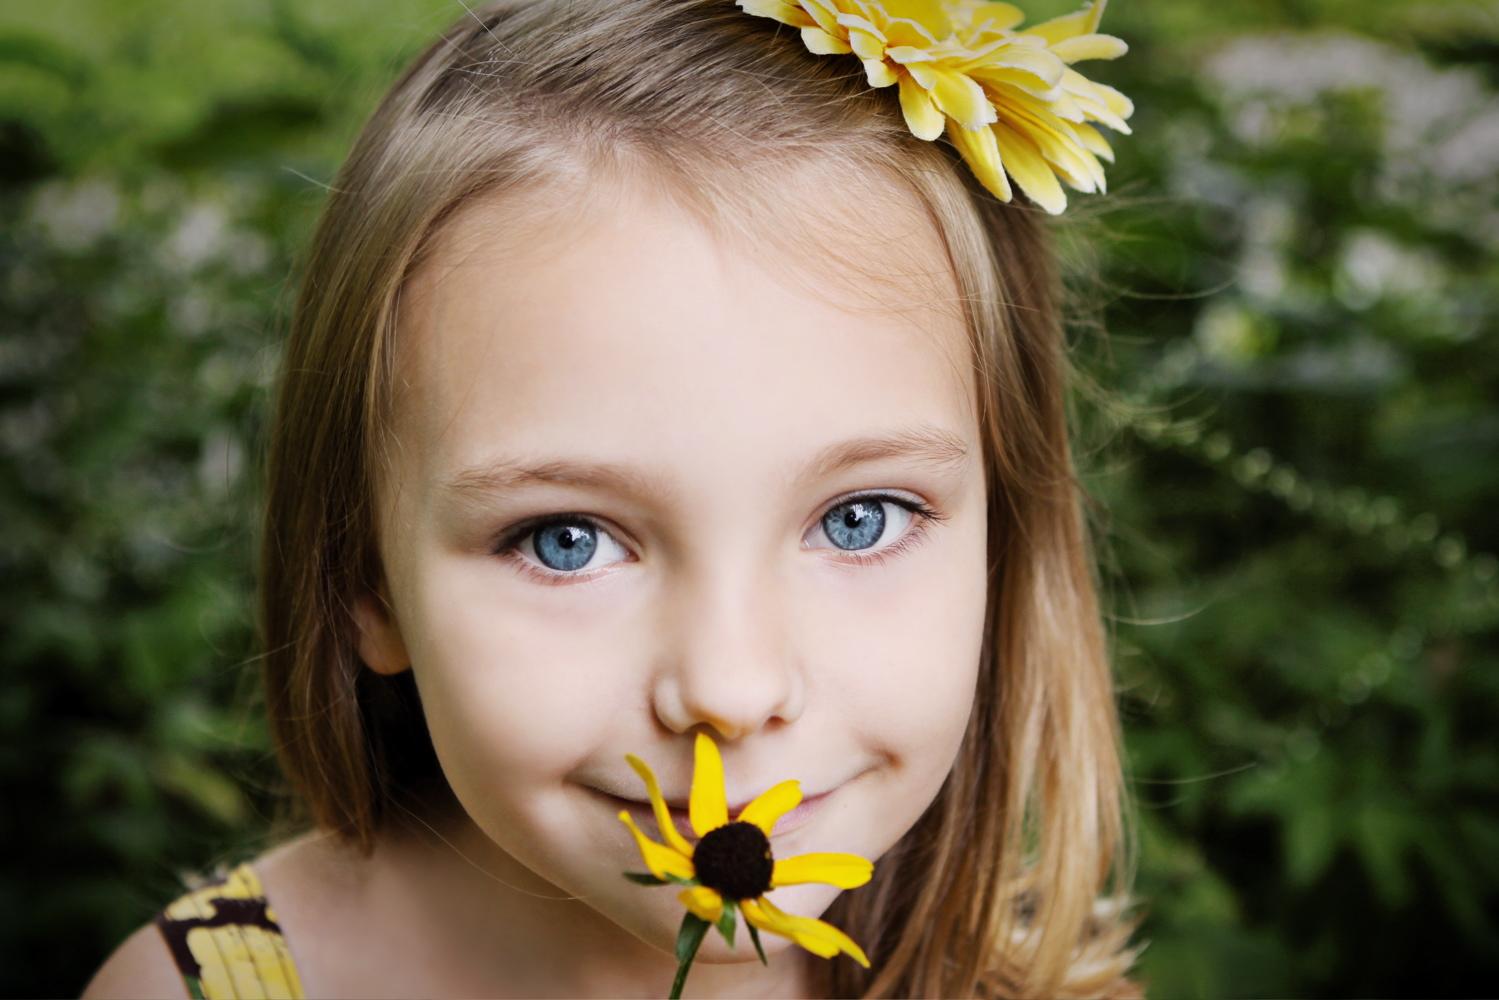 1499 x 1000 jpeg 423 u041au0411. imgchili ls sweet little girl models Quotes.